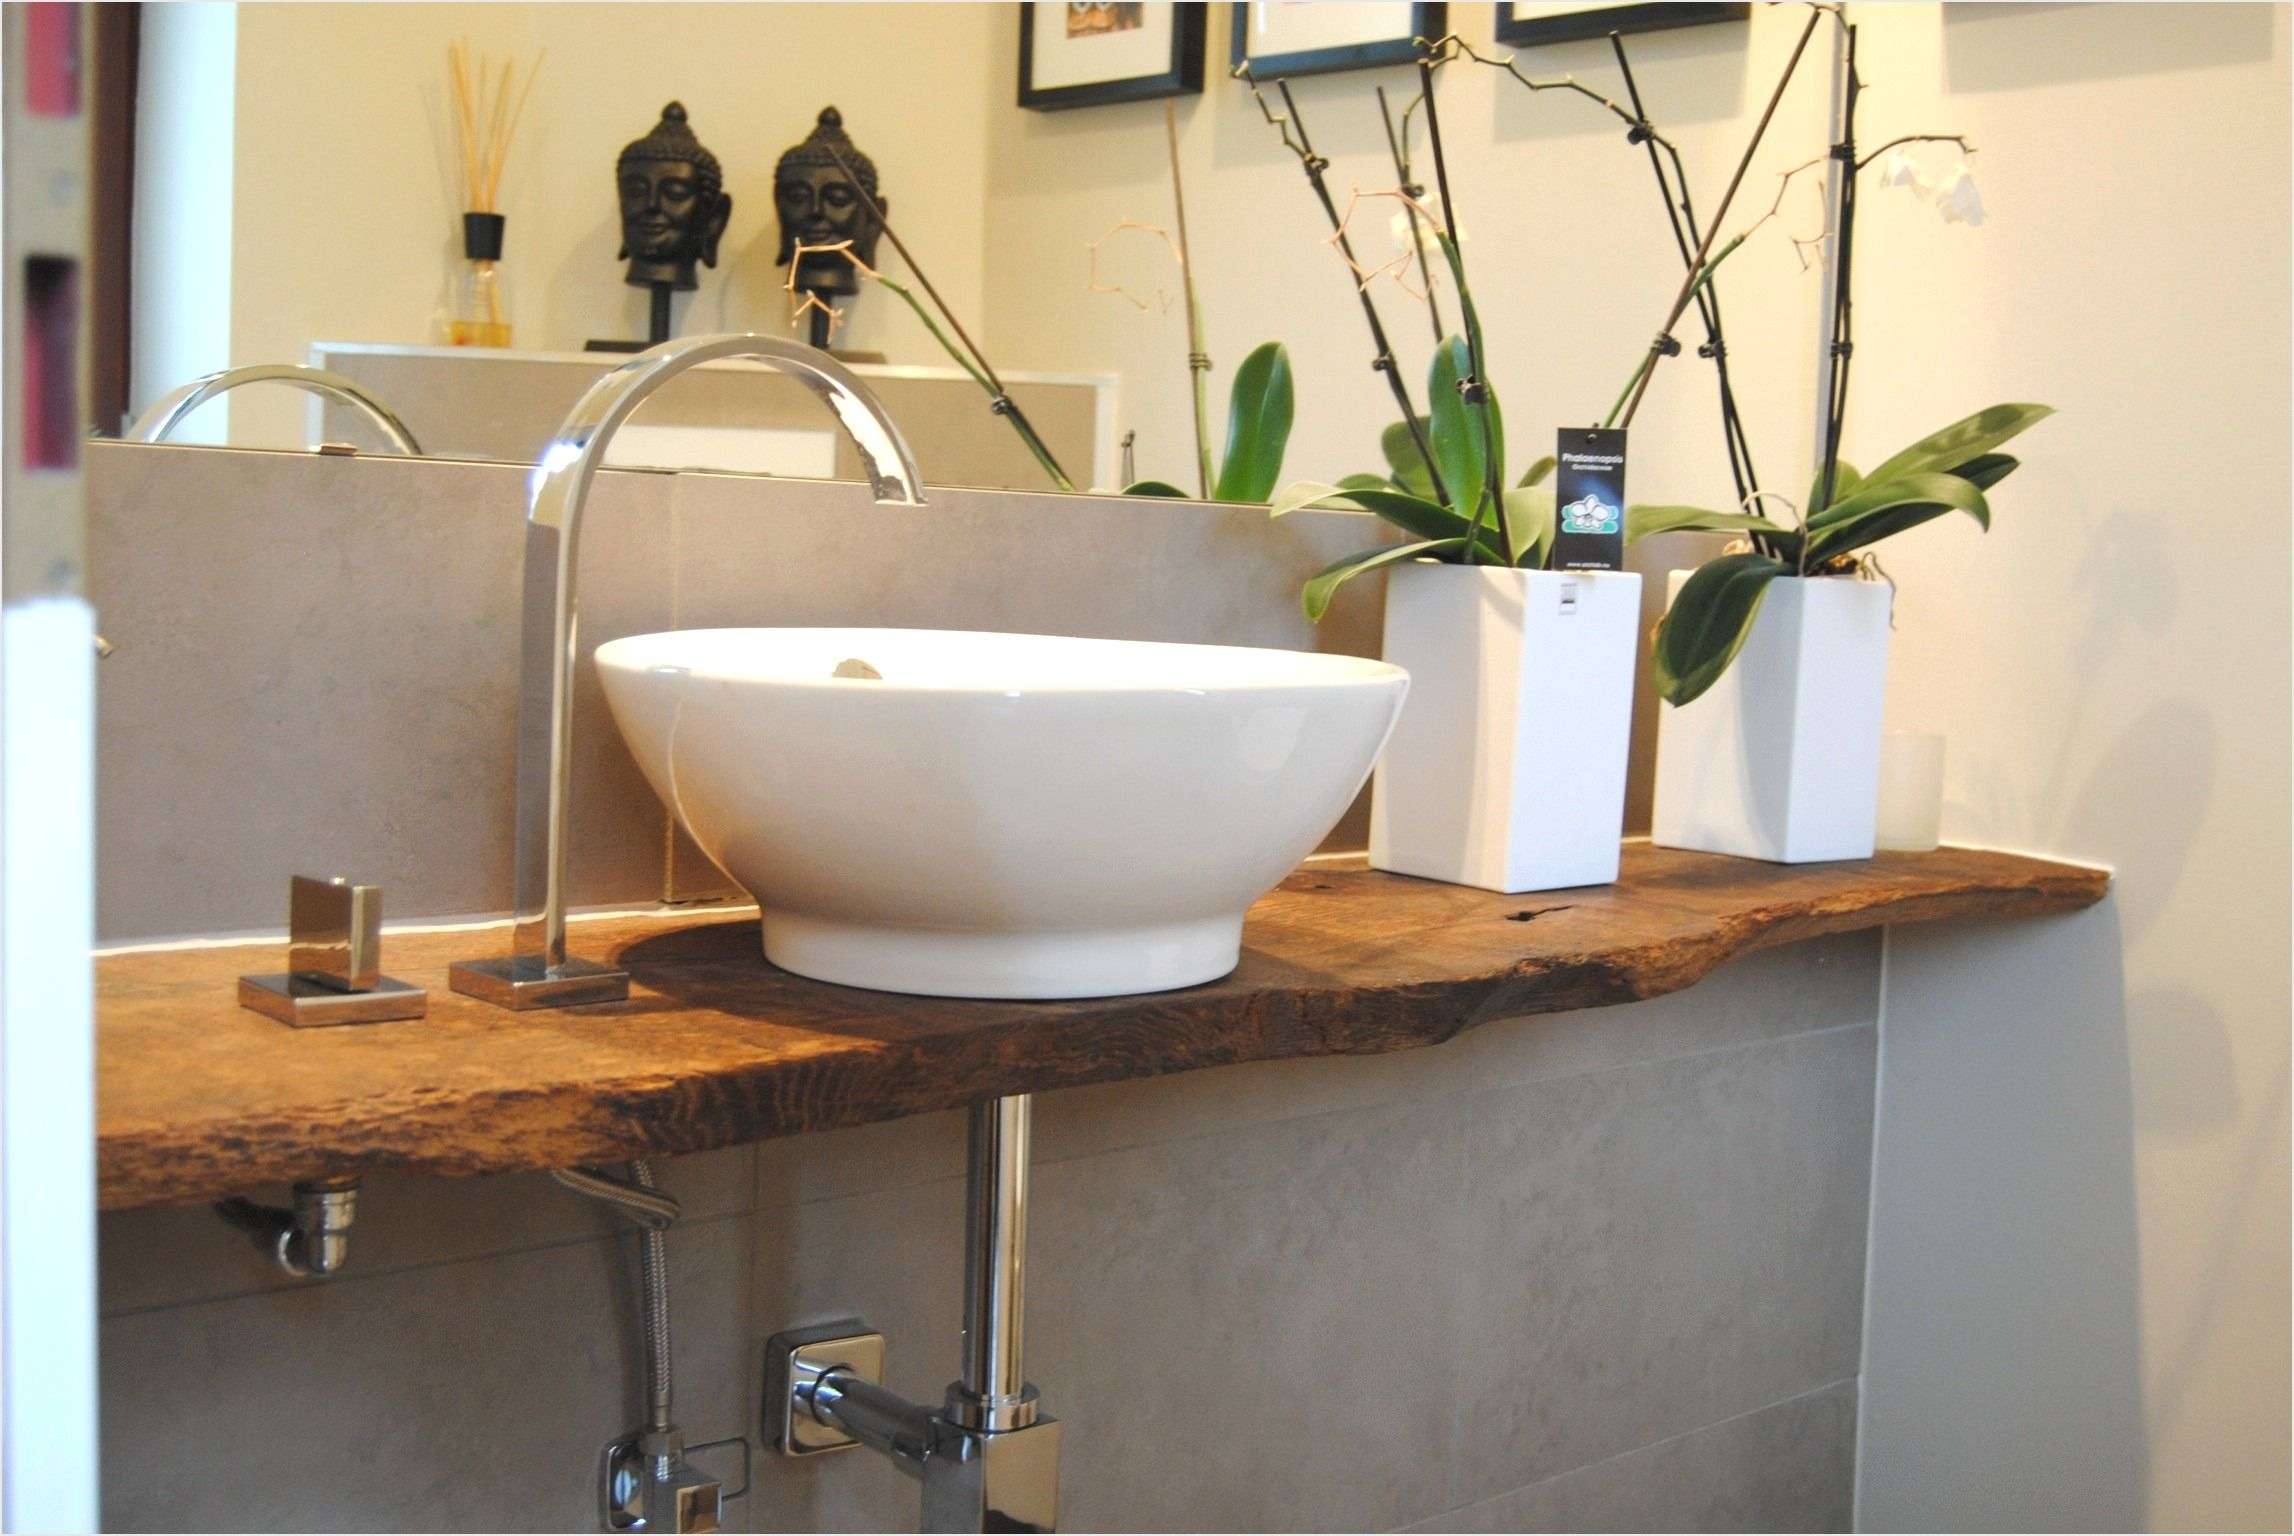 Fabelhafte Wunderbar Waschtisch Holz Selber Bauen Miscursosgratis Waschtisch Holz Selber Bauen Of Waschtisch Hol Modern Bathroom Vanity Toilet Design Wood Sink